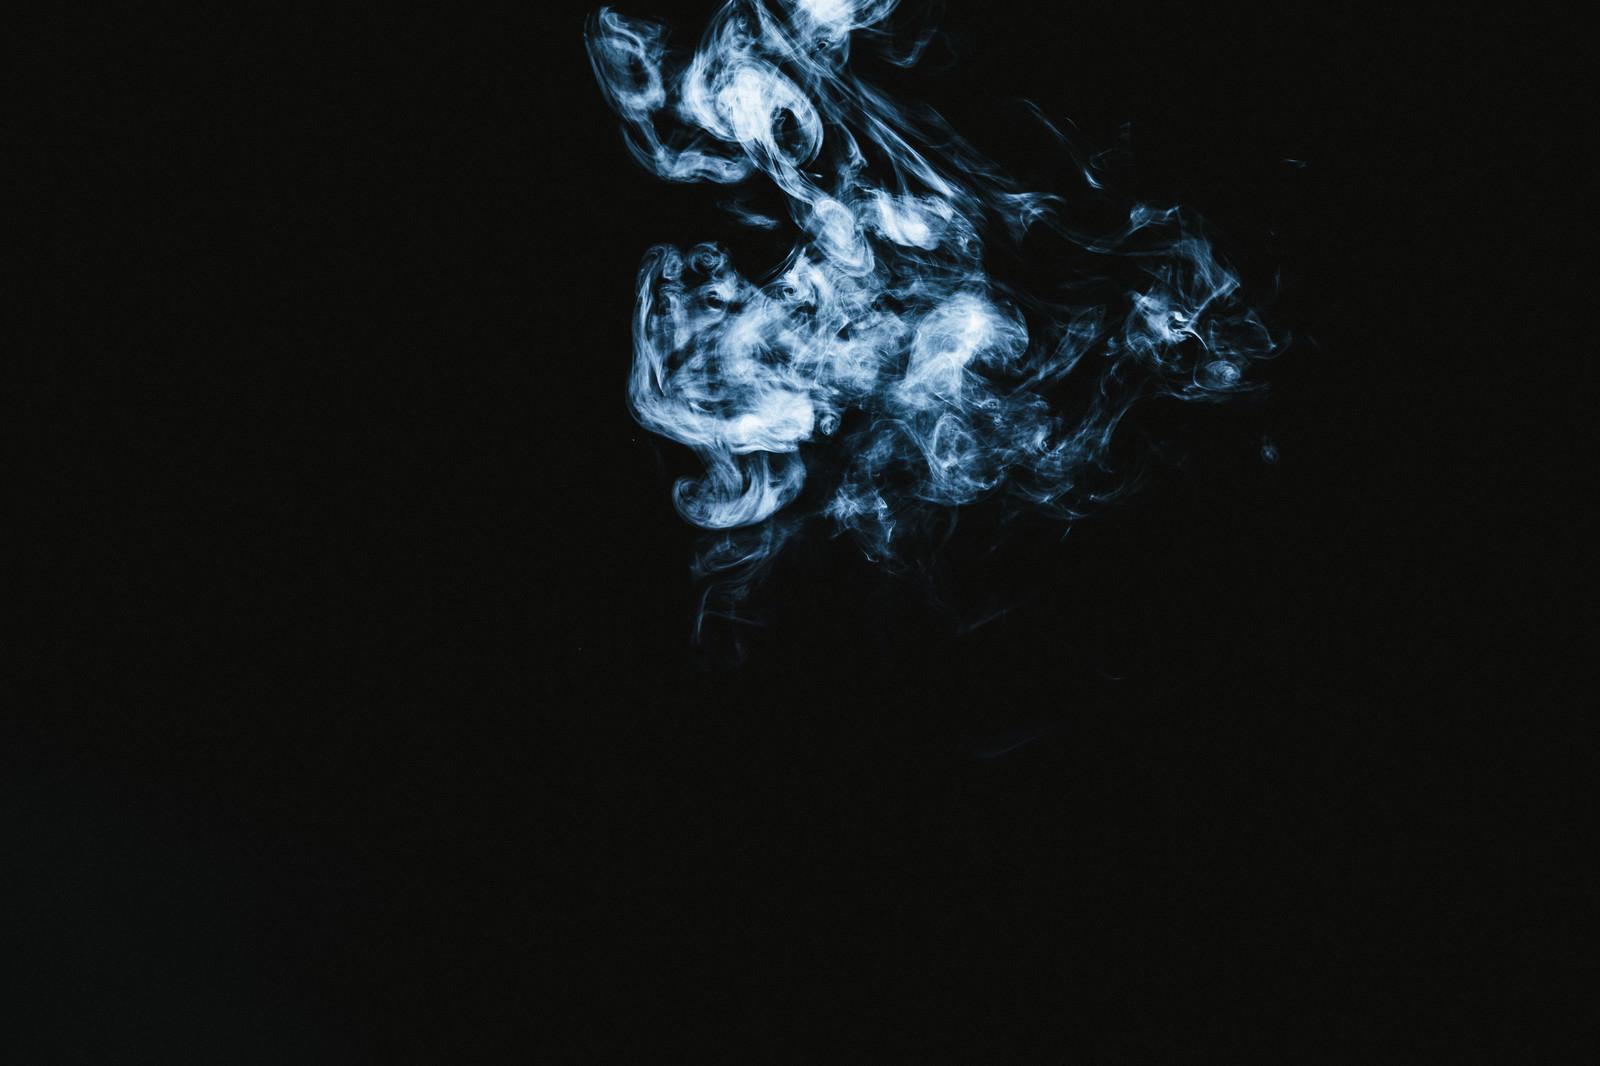 「怨念のような煙」の写真